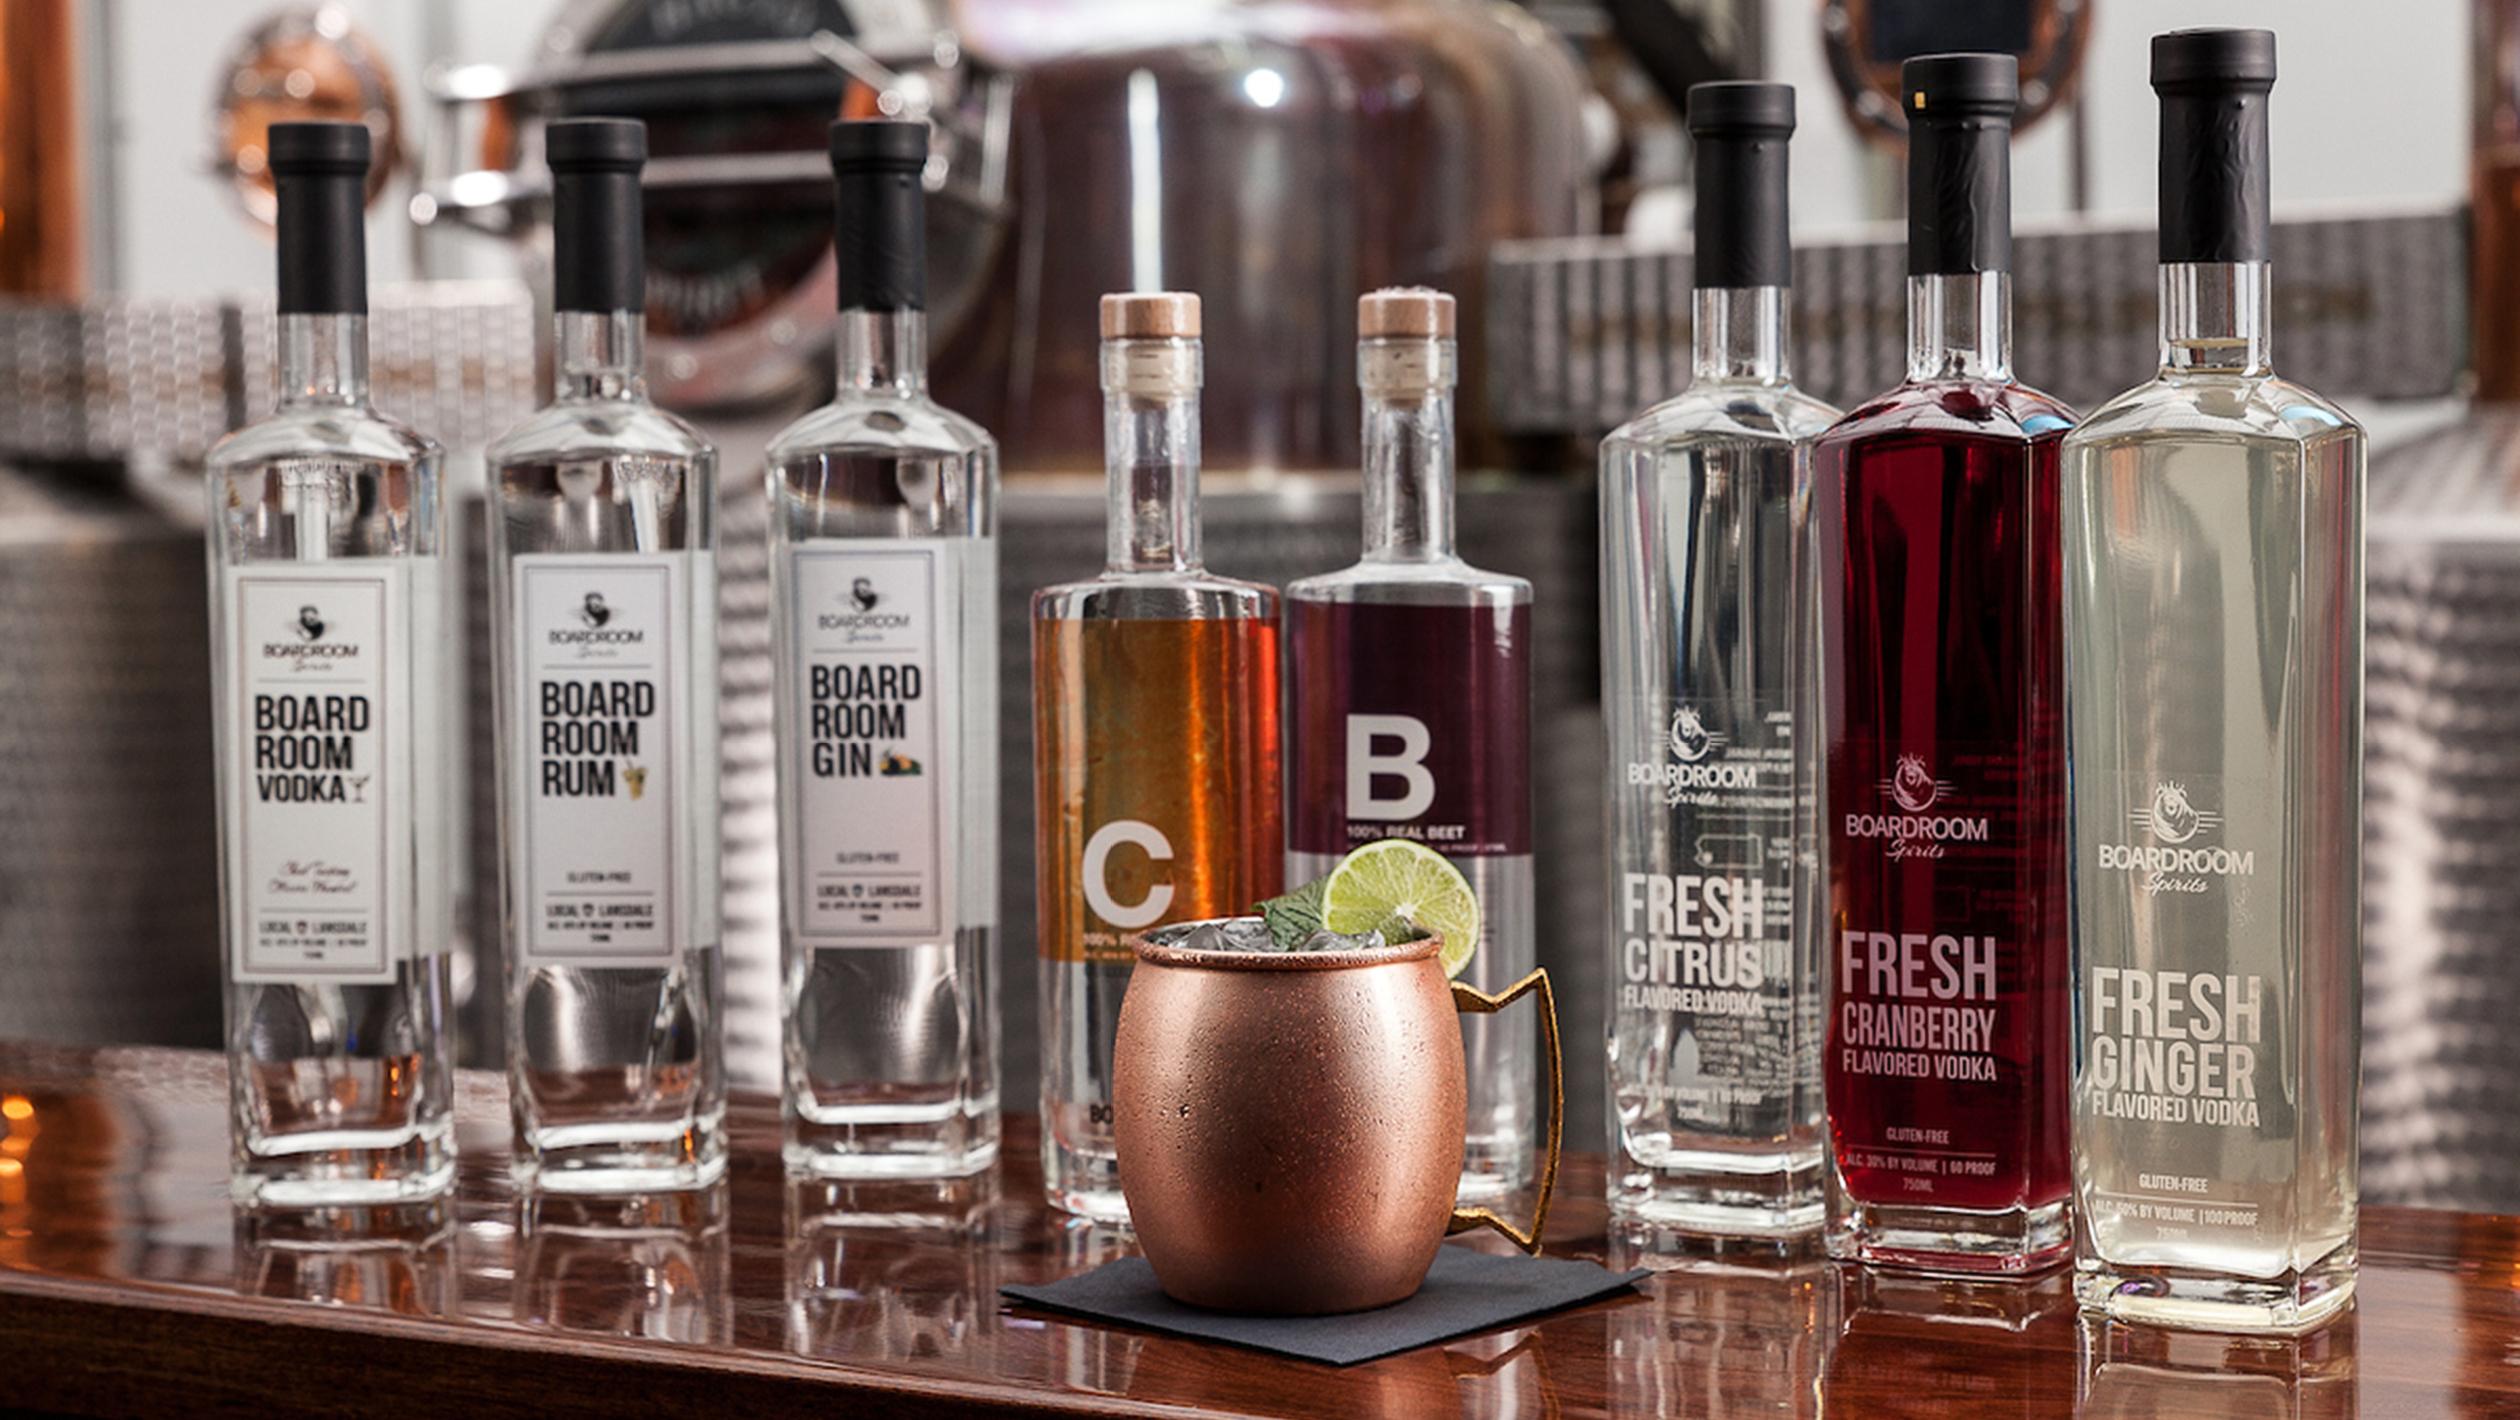 Bottles of Boardroom Spirits